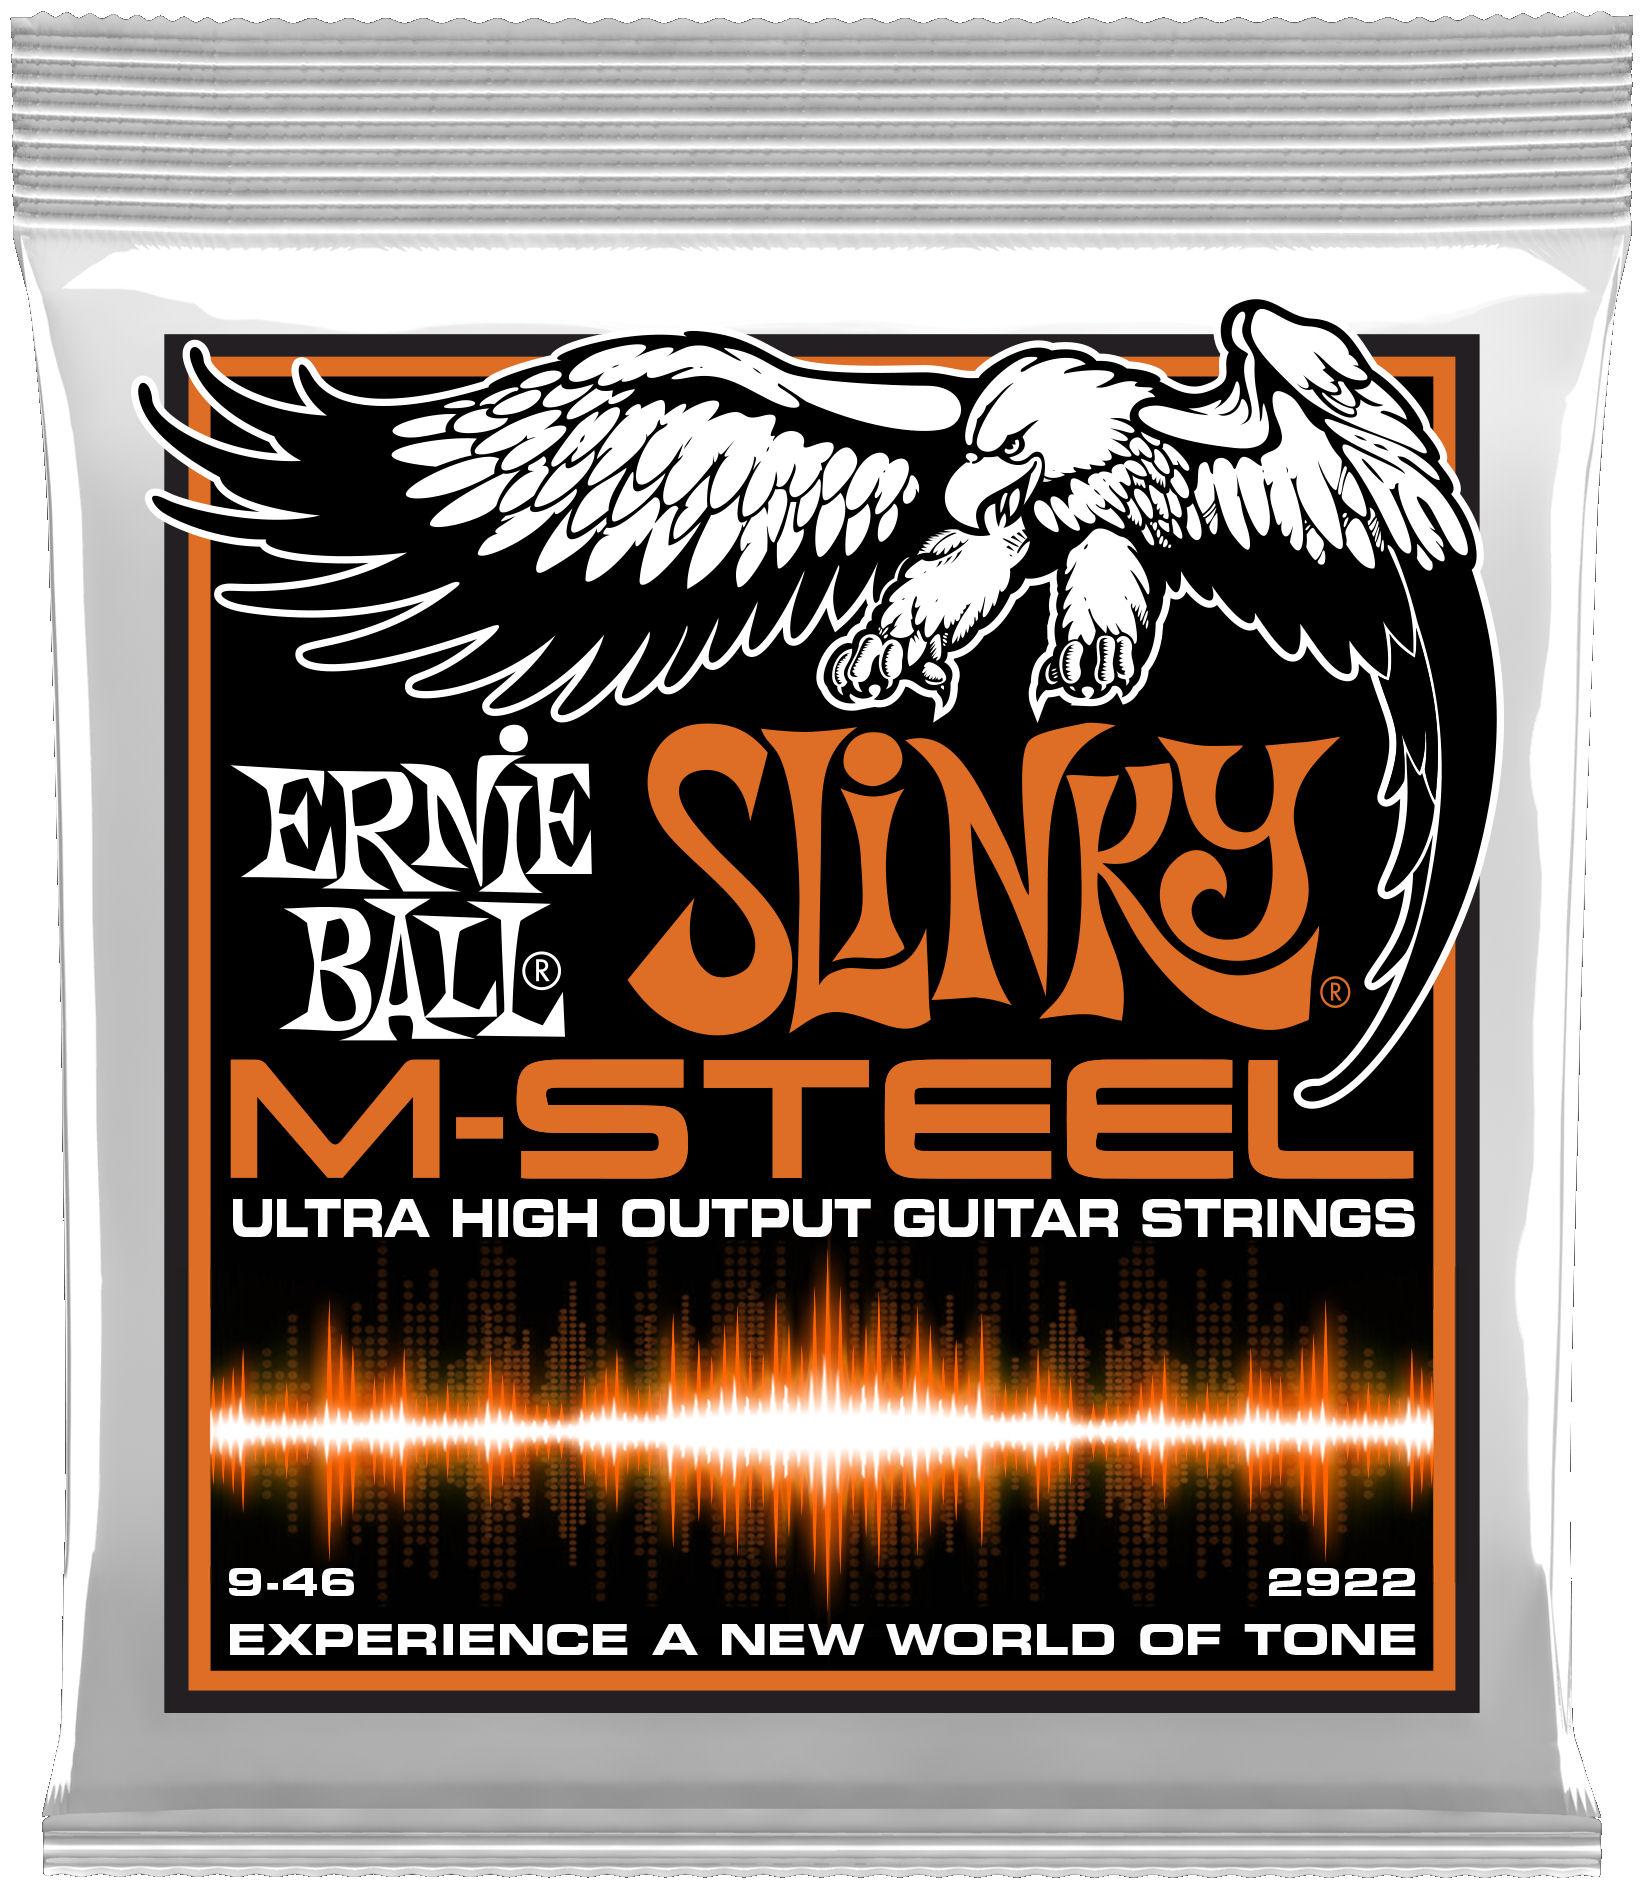 Ernie Ball M-Steel 9-46